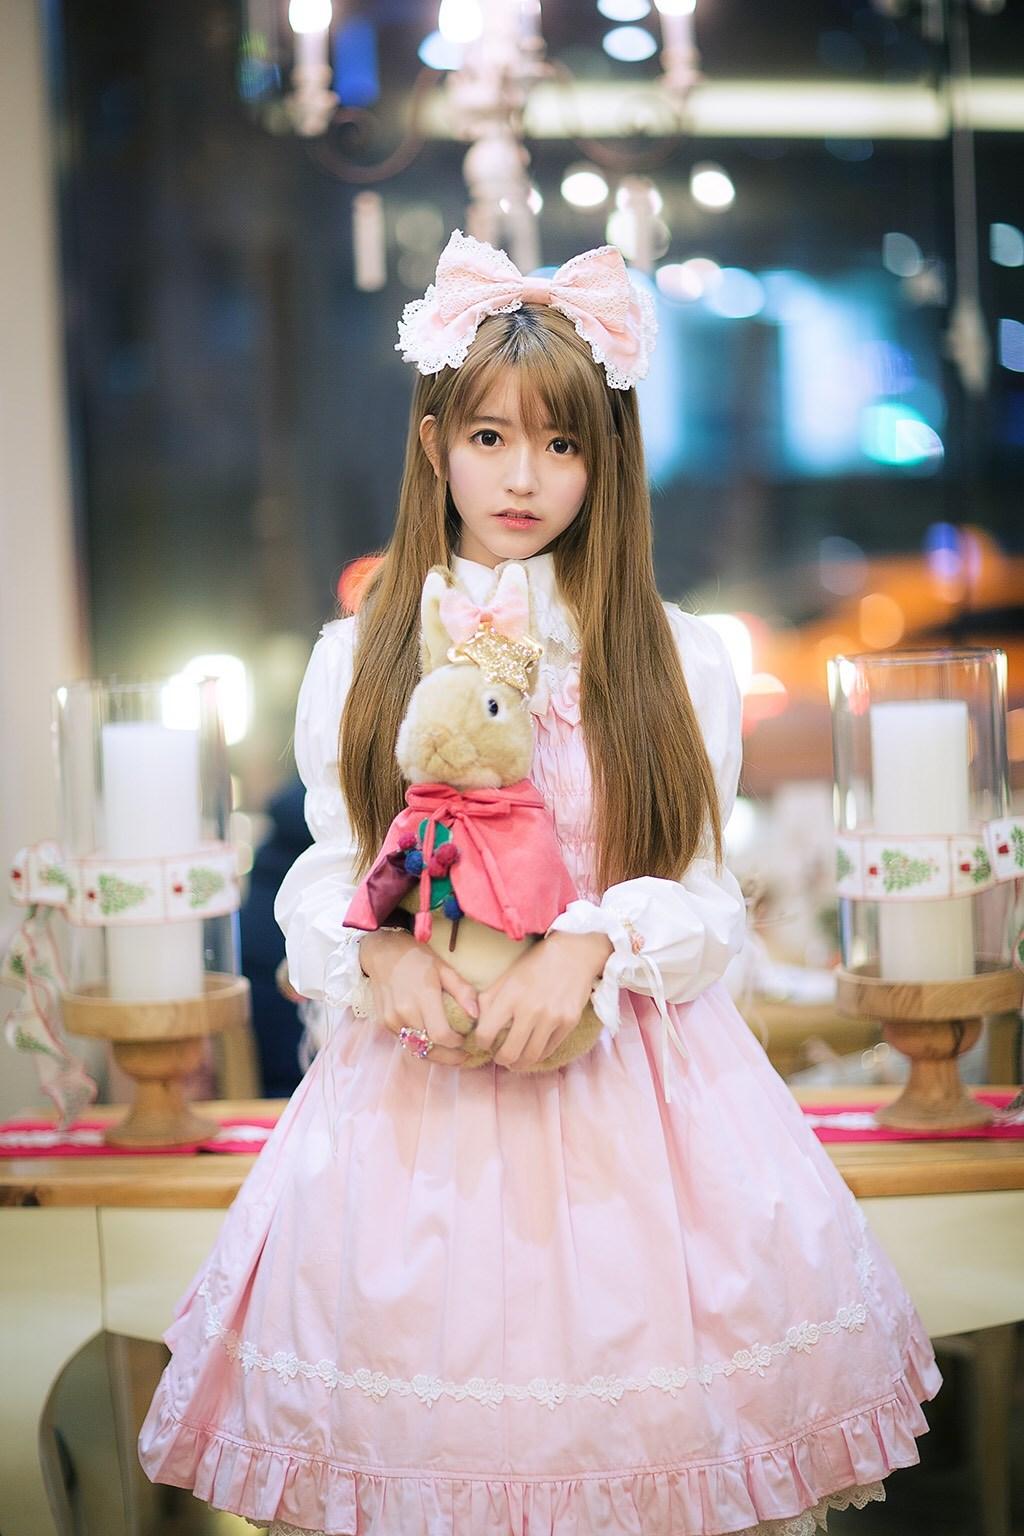 【兔玩映画】Yurisa 兔玩映画 第62张